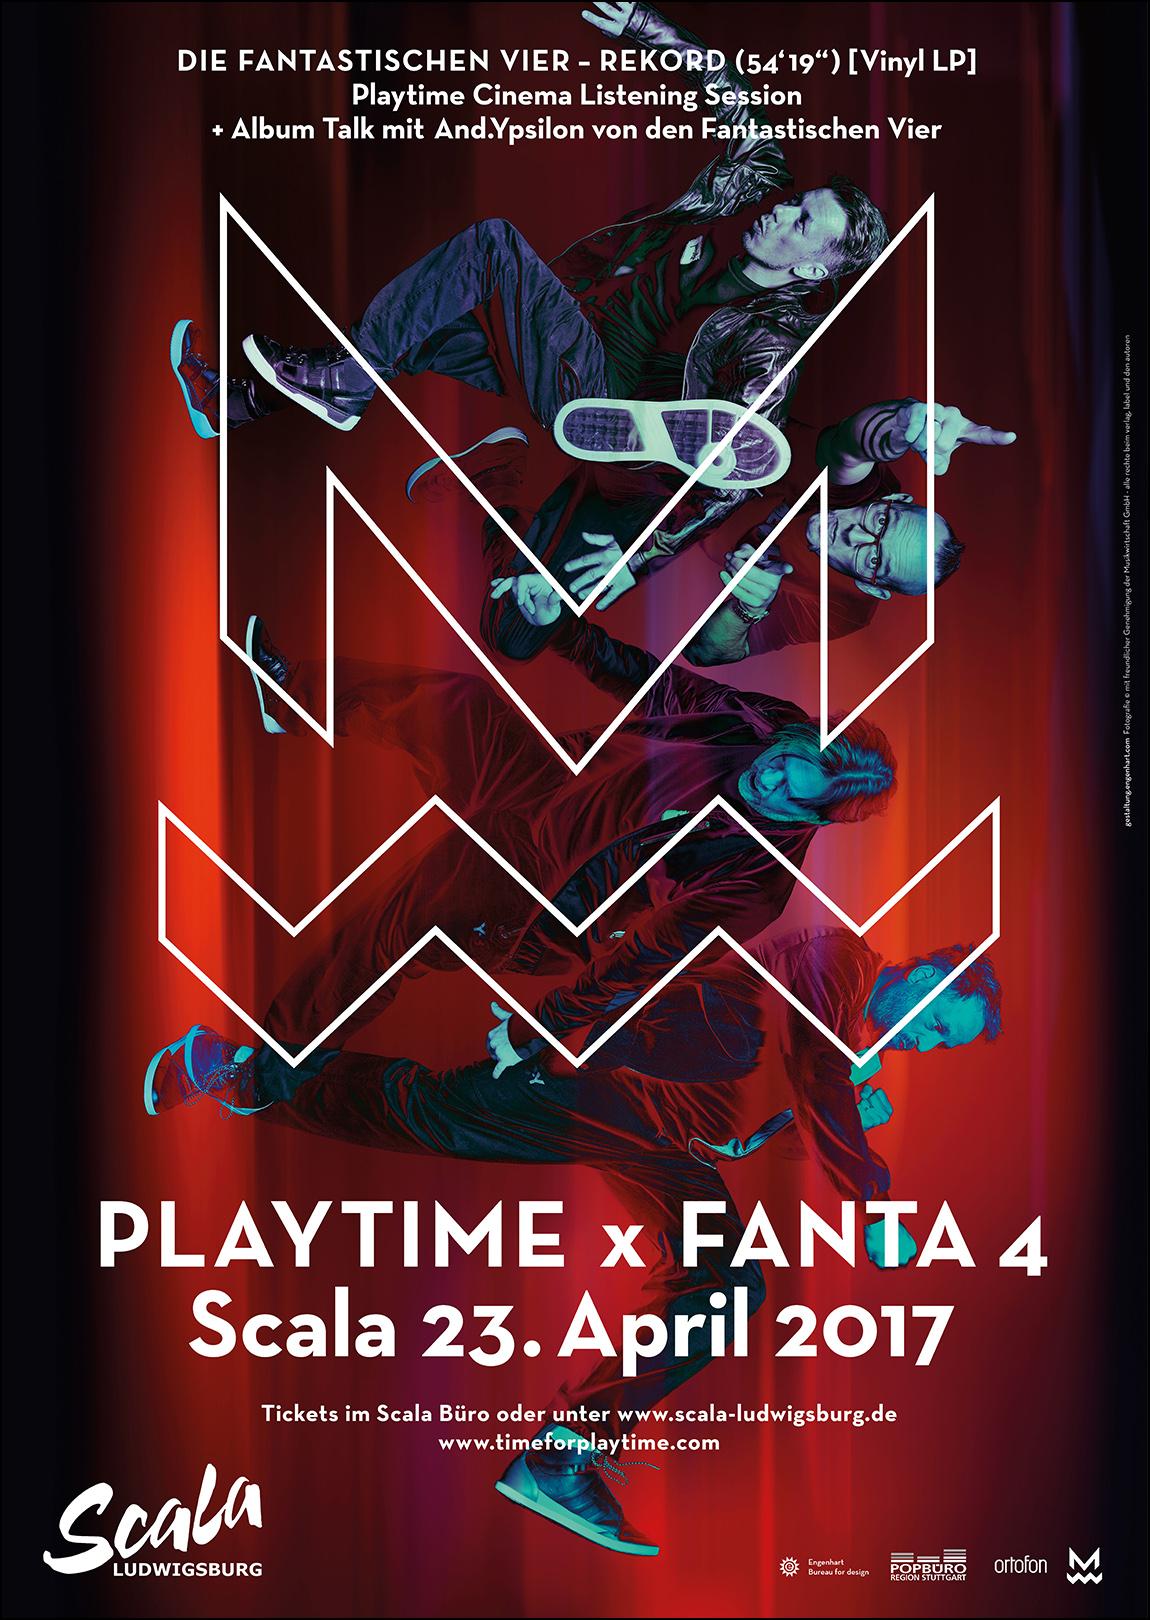 Die Fantastischen Vier Playtime Plakat Engenhart